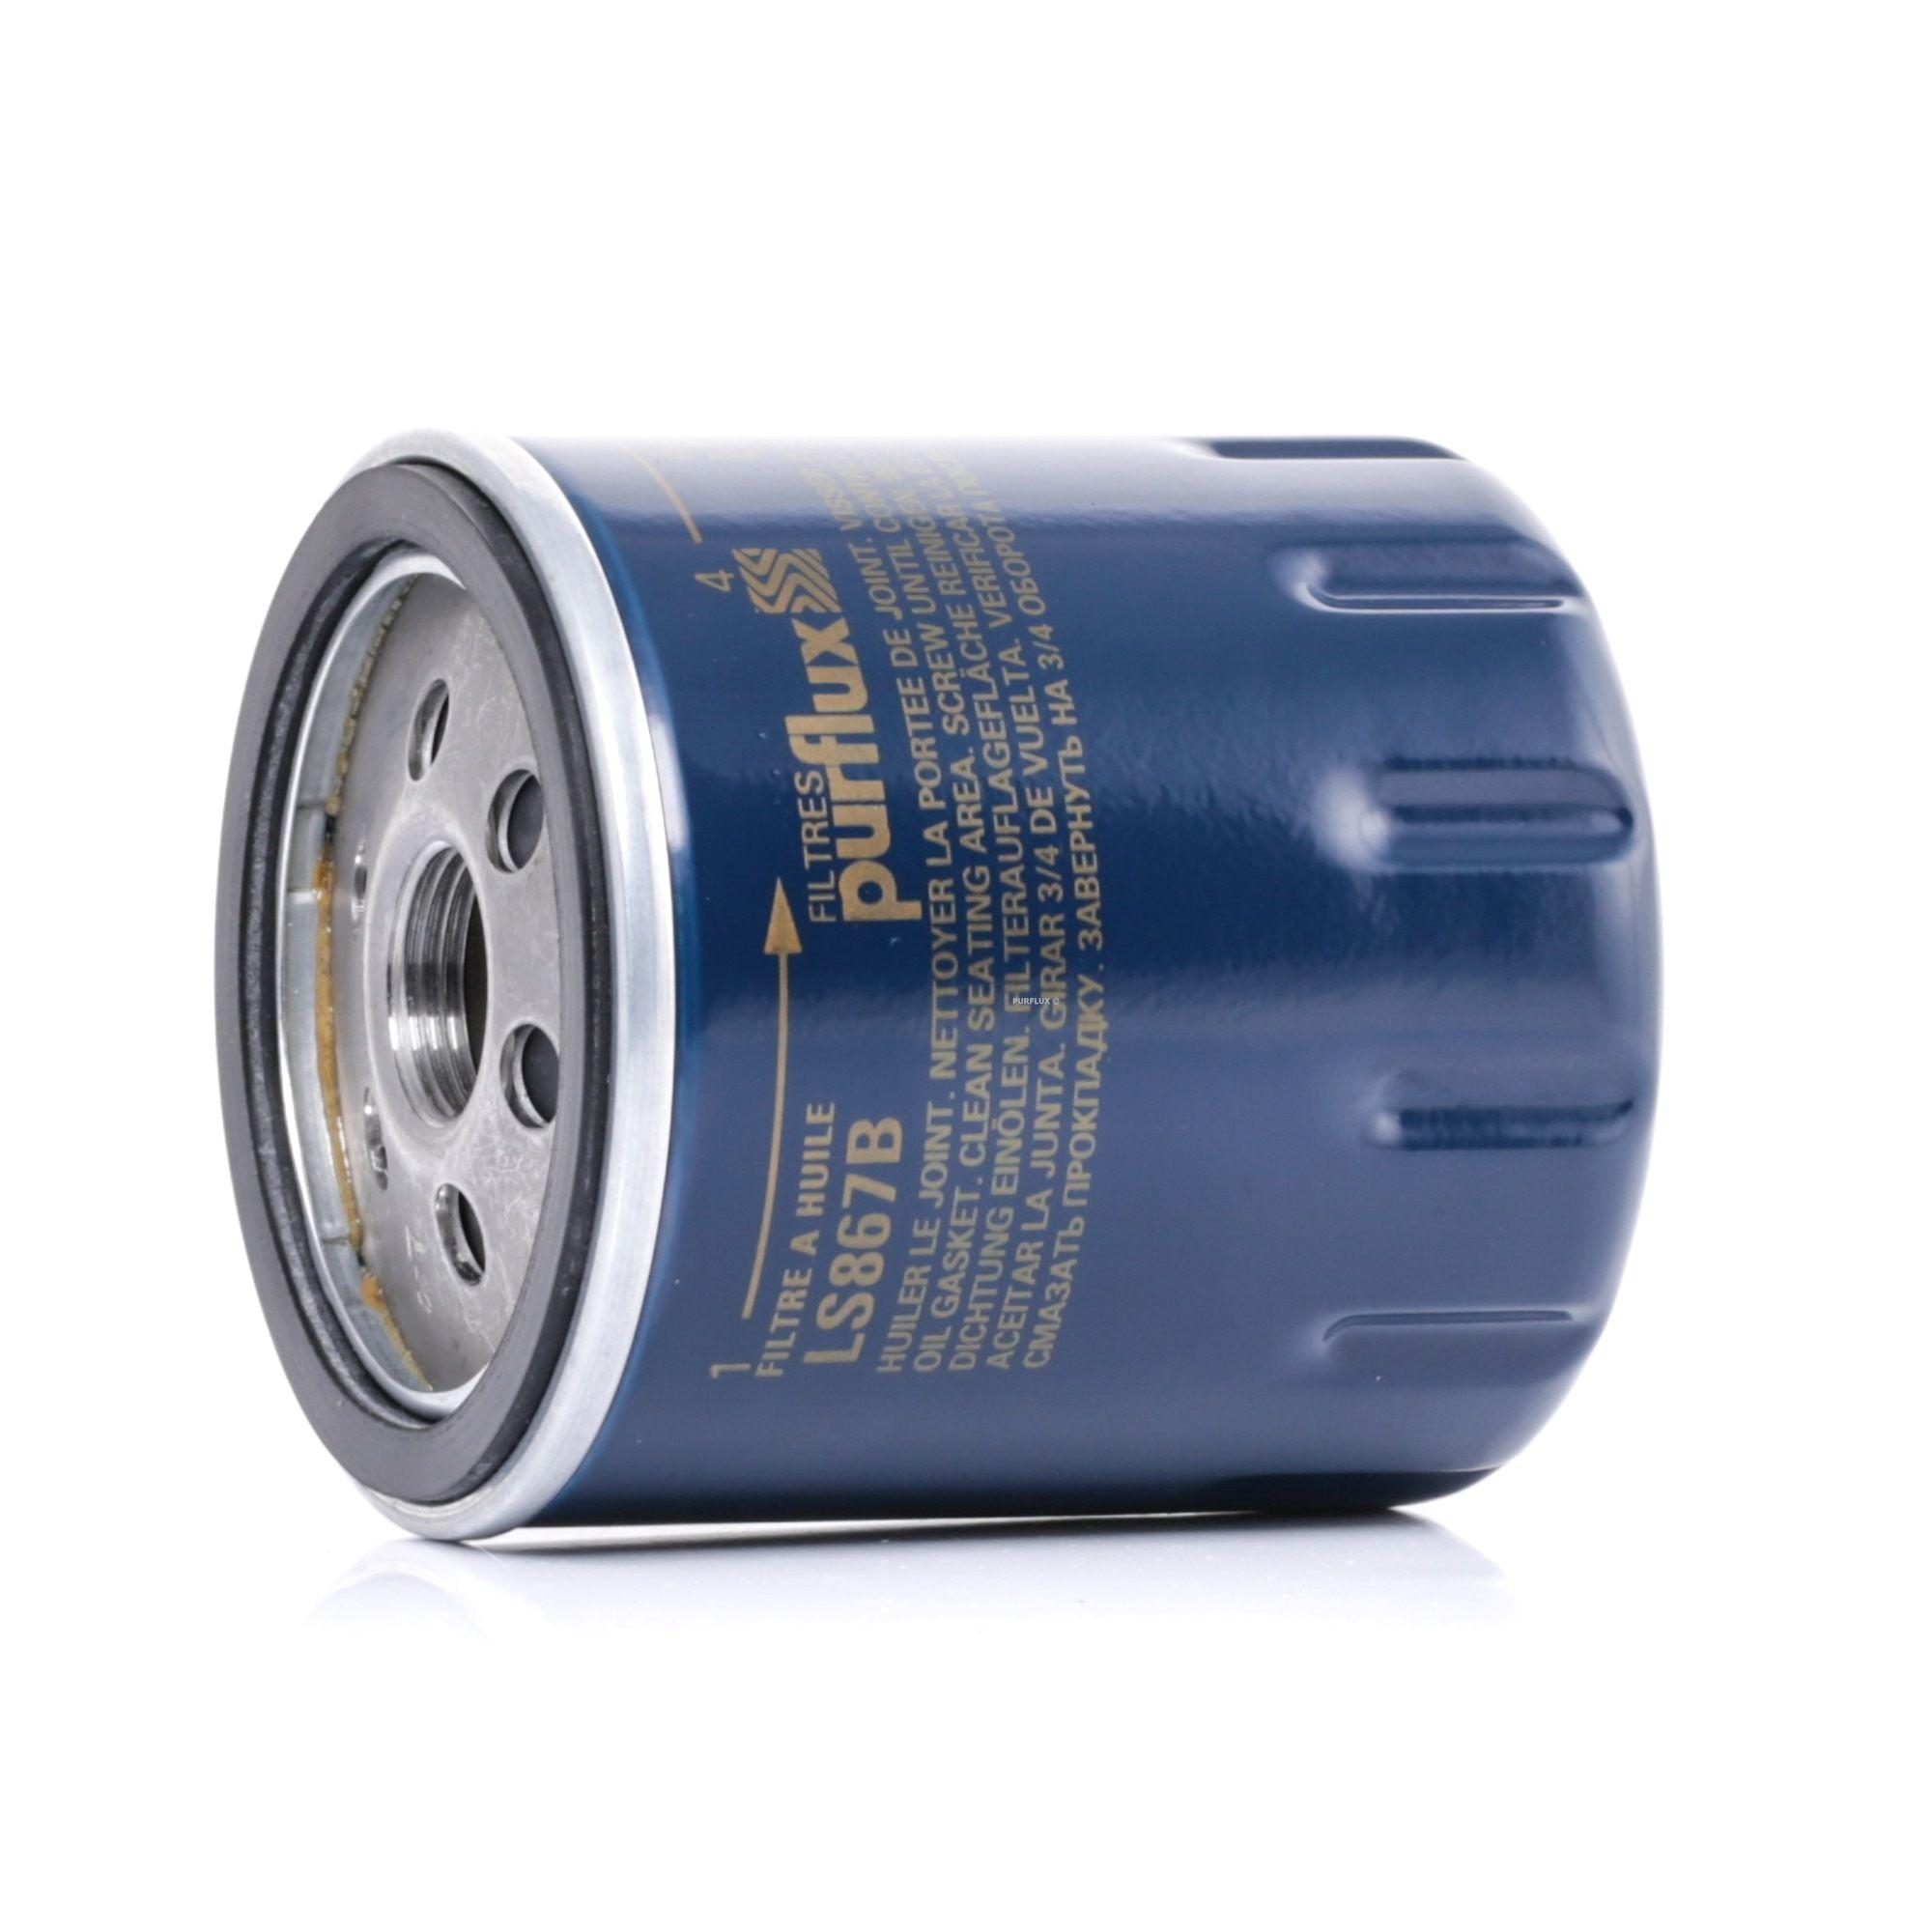 Pieces detachees PEUGEOT J9 1987 : Filtre à huile PURFLUX LS867B Ø: 76mm, Hauteur: 85mm - Achetez tout de suite!